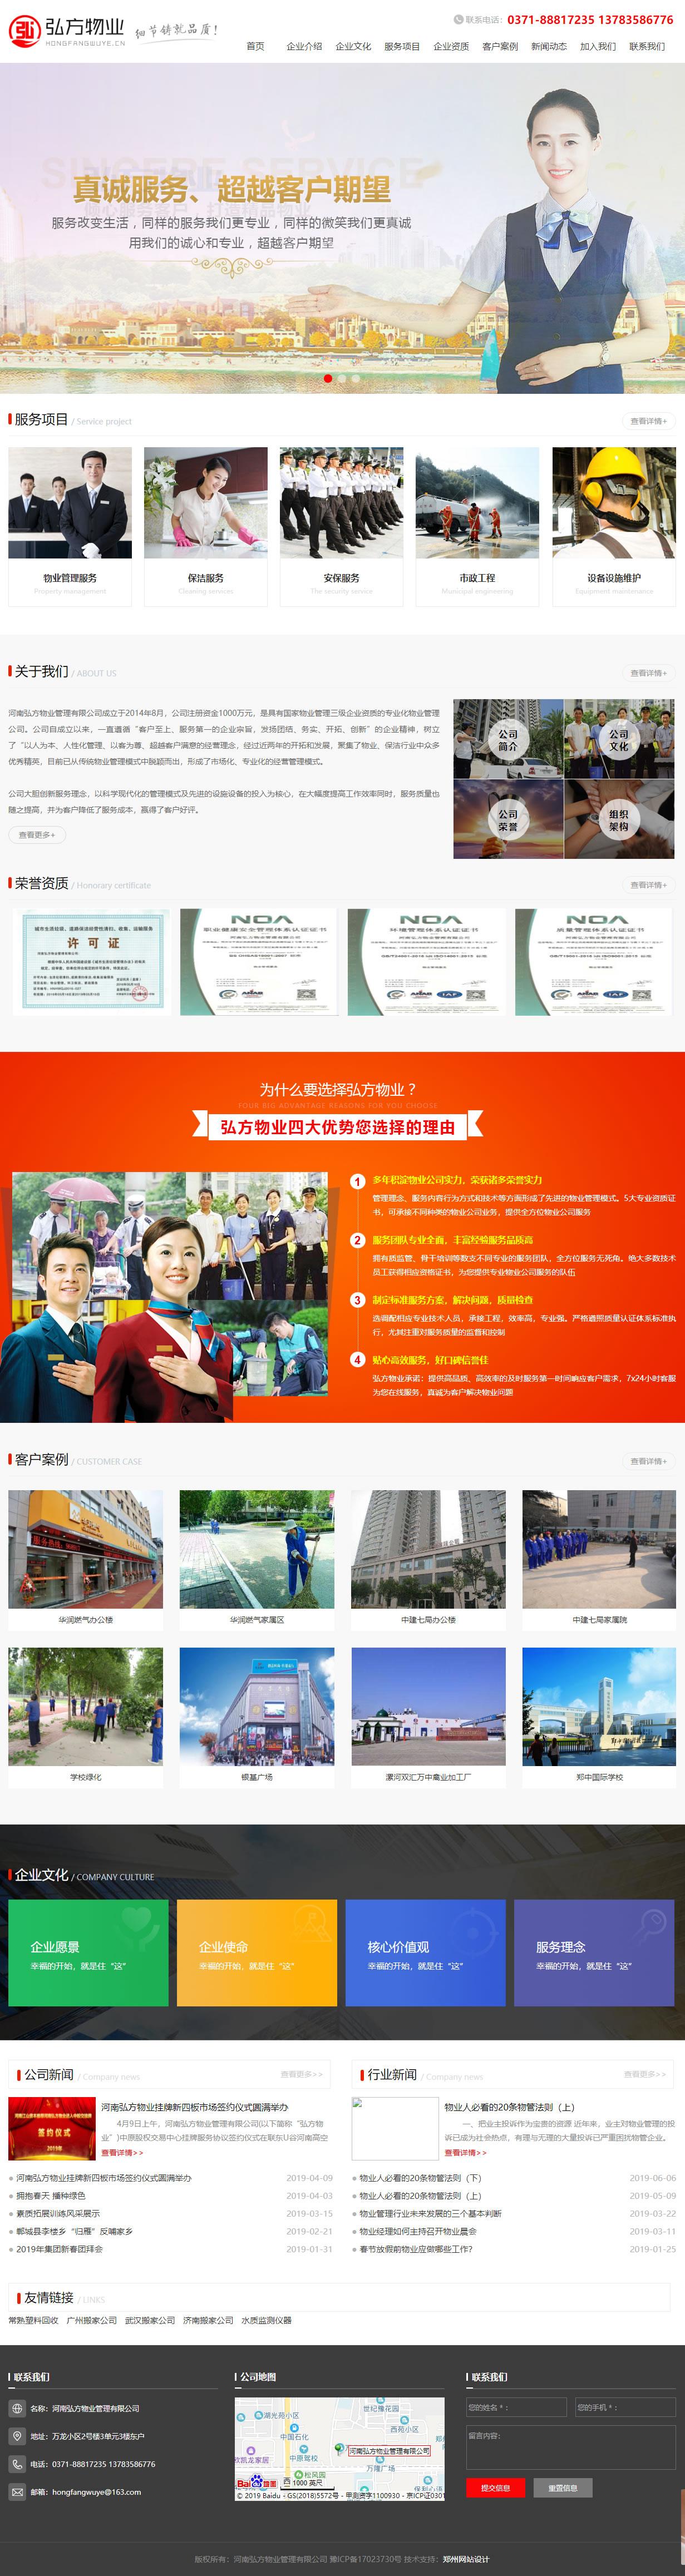 河南弘方物业管理有限公司首页效果图